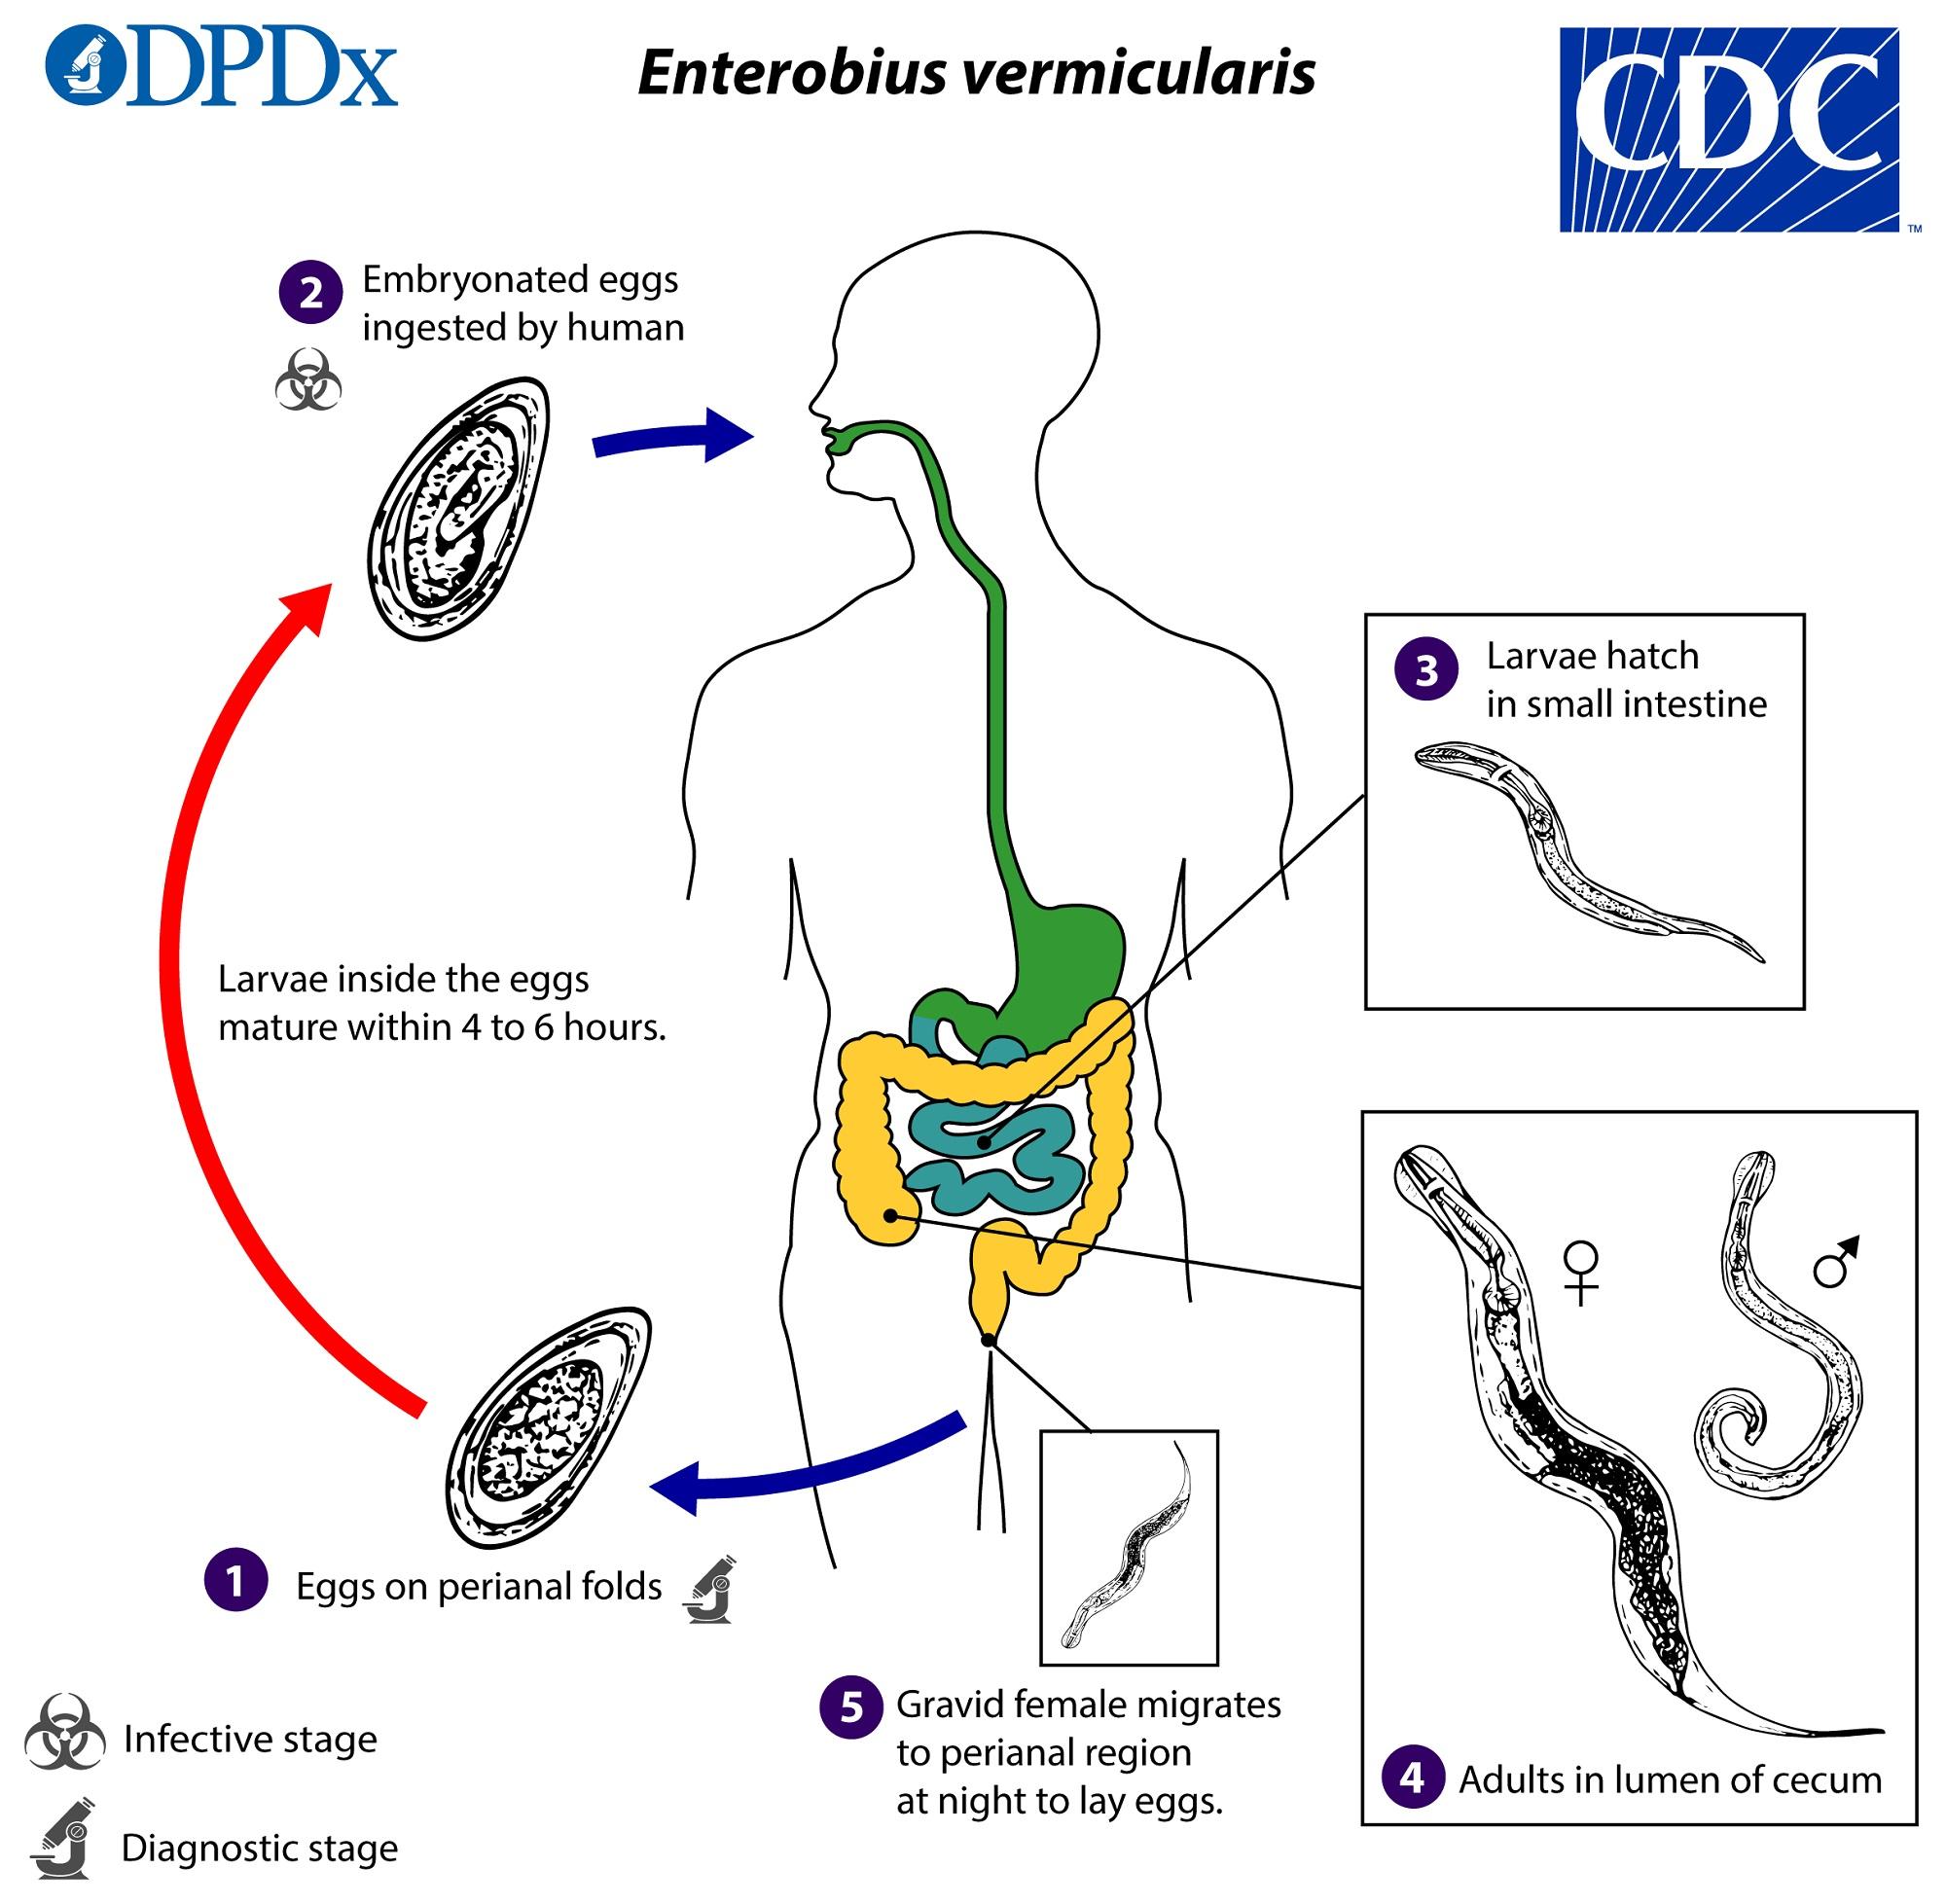 morfológia pinworms)